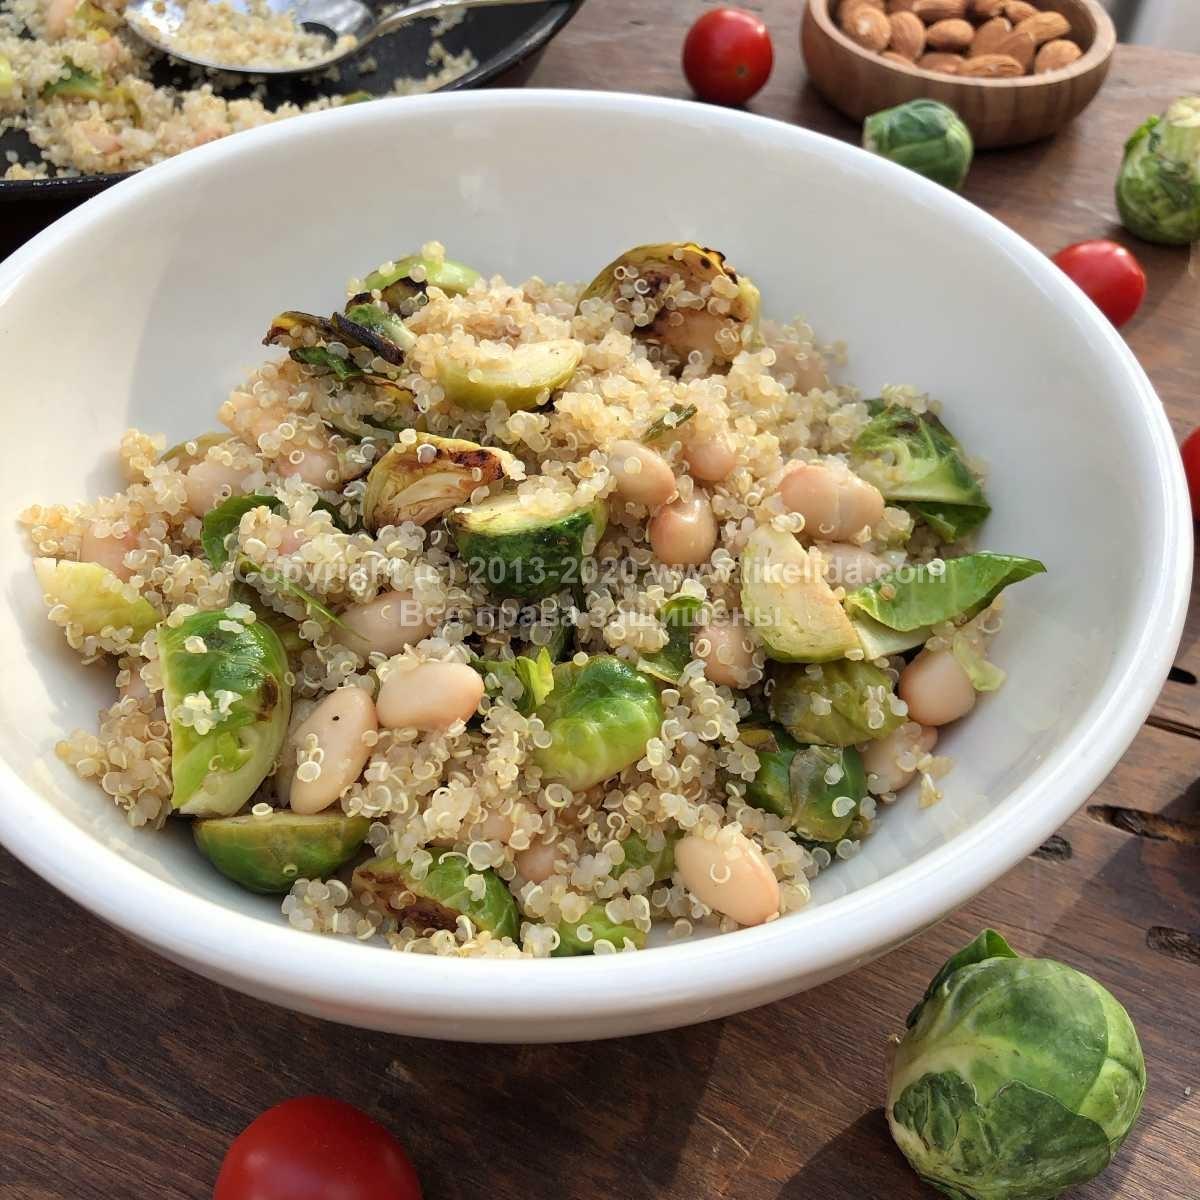 Что приготовить из брюссельской капусты вкусно и просто – проверенные рецепты на сковороде, в духовке и мультиварке